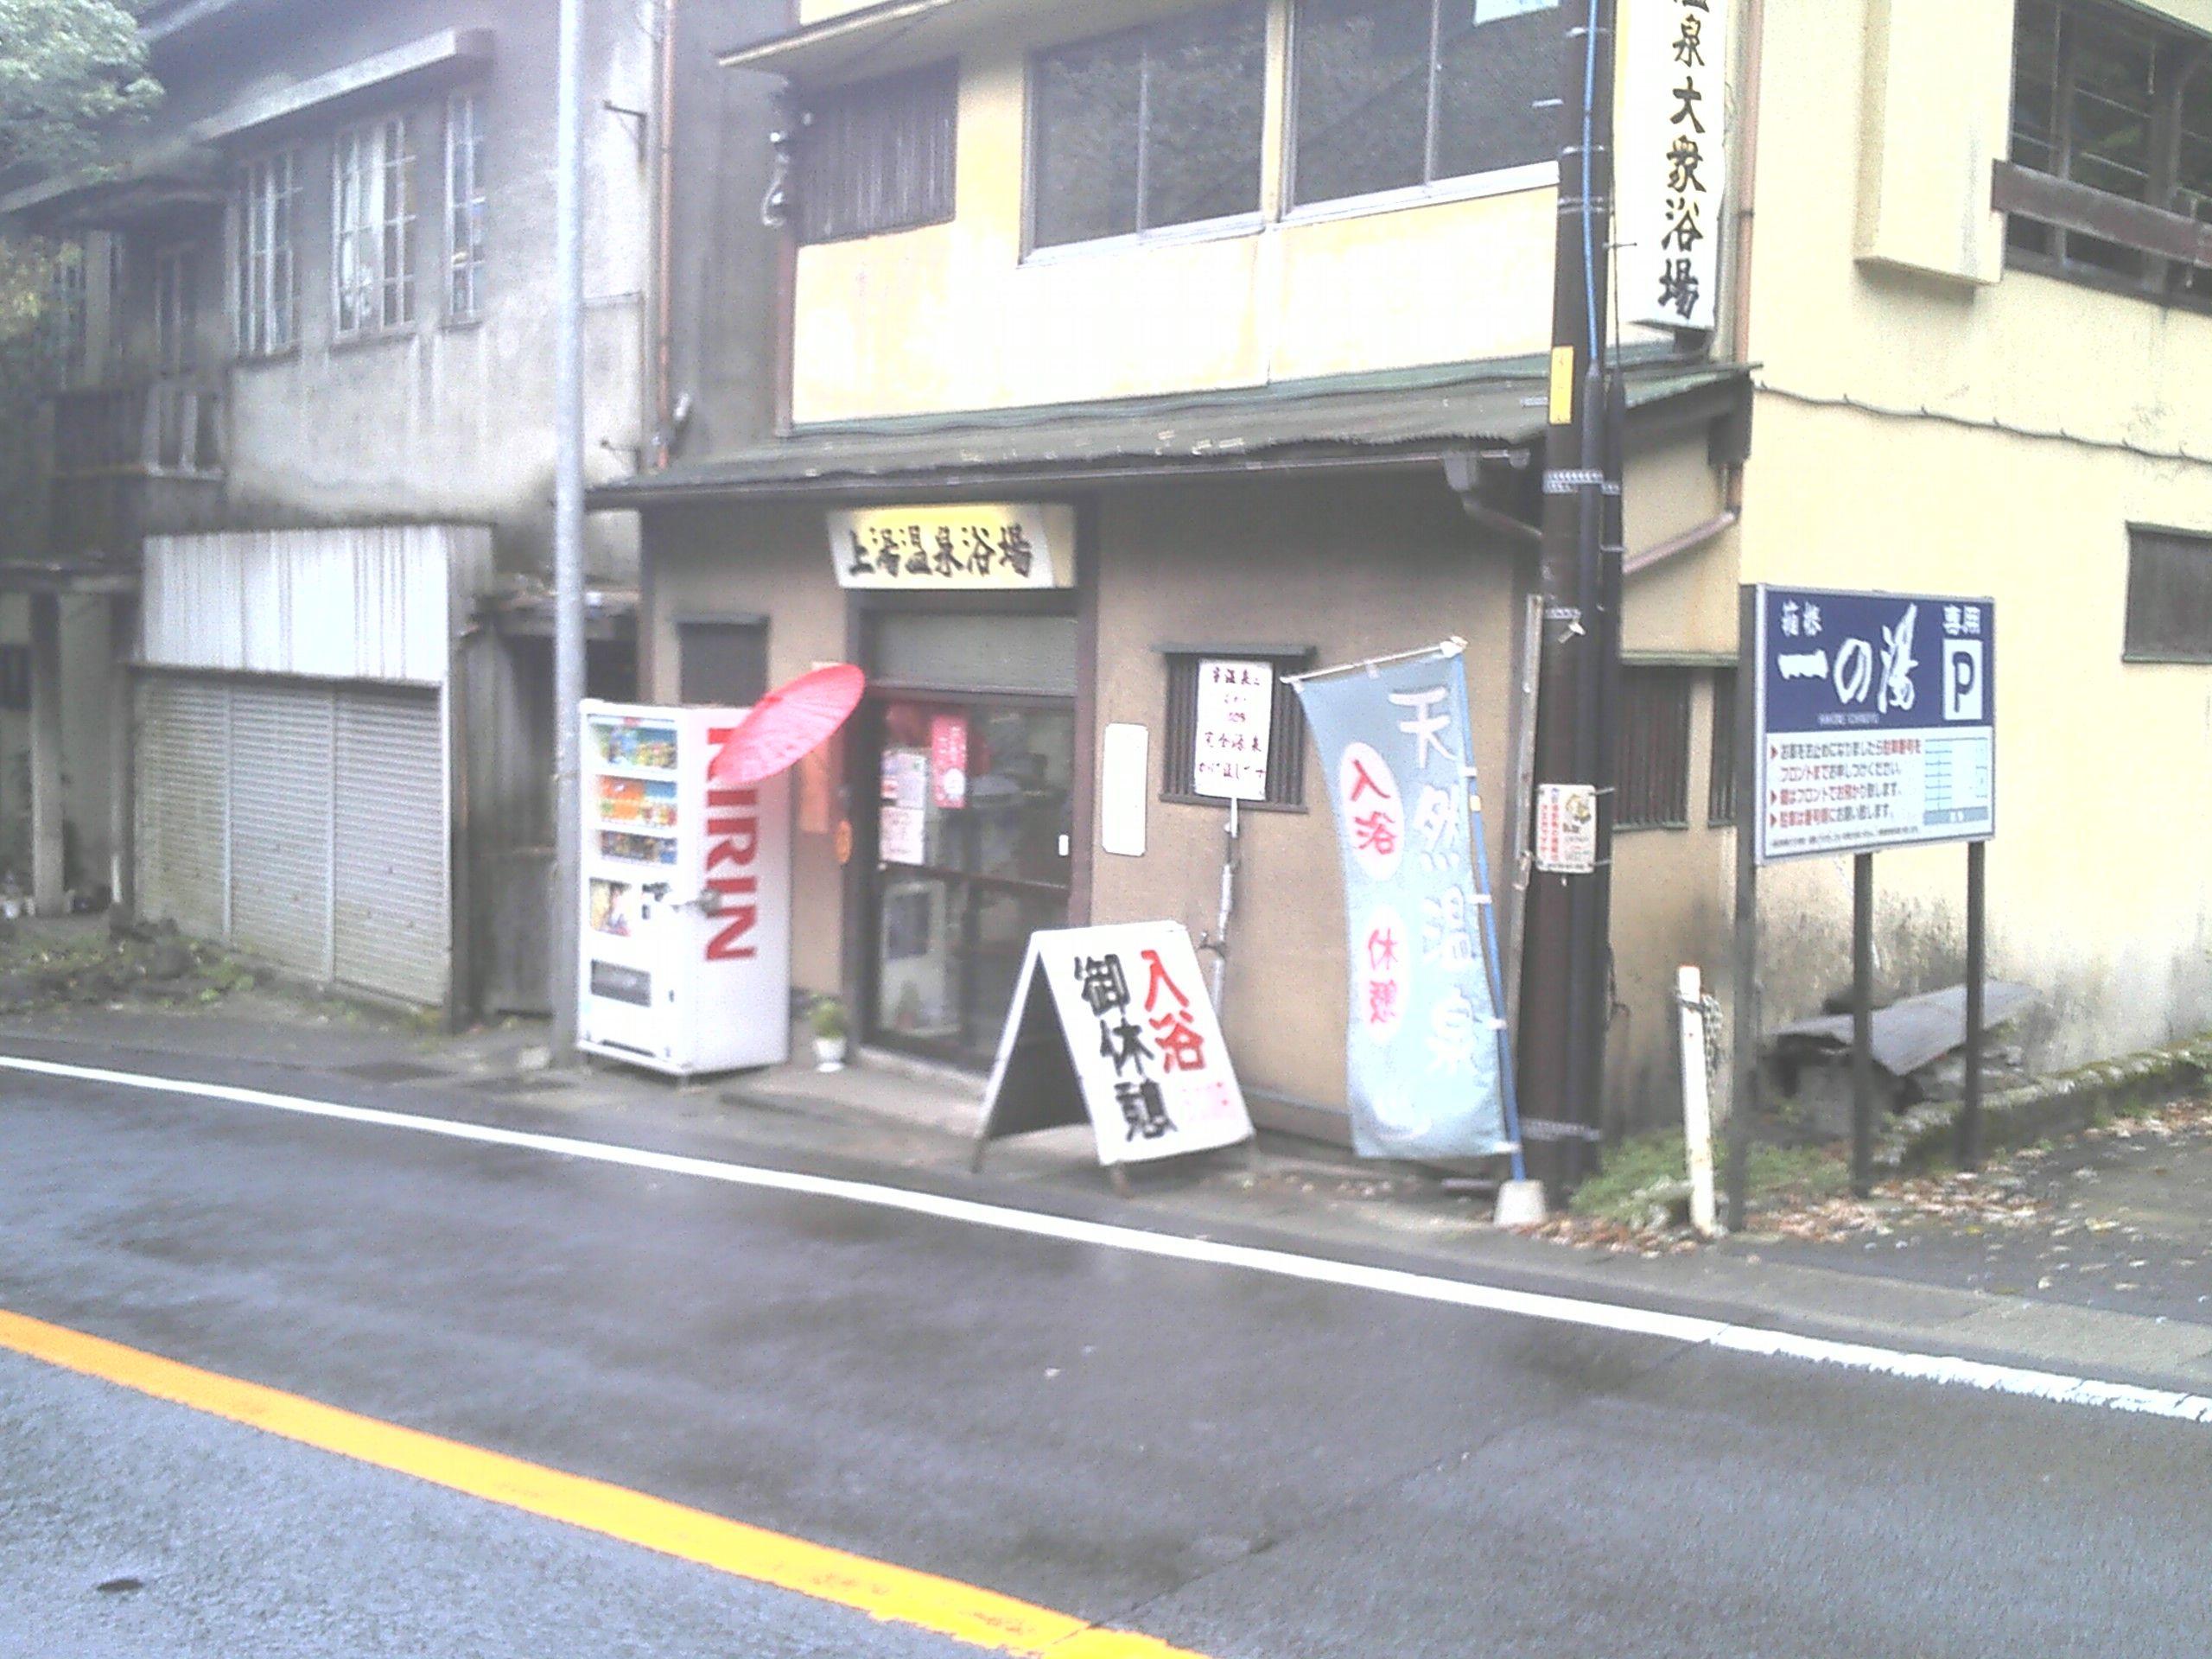 2012.4.17 hakone kamiyu_onsen 2